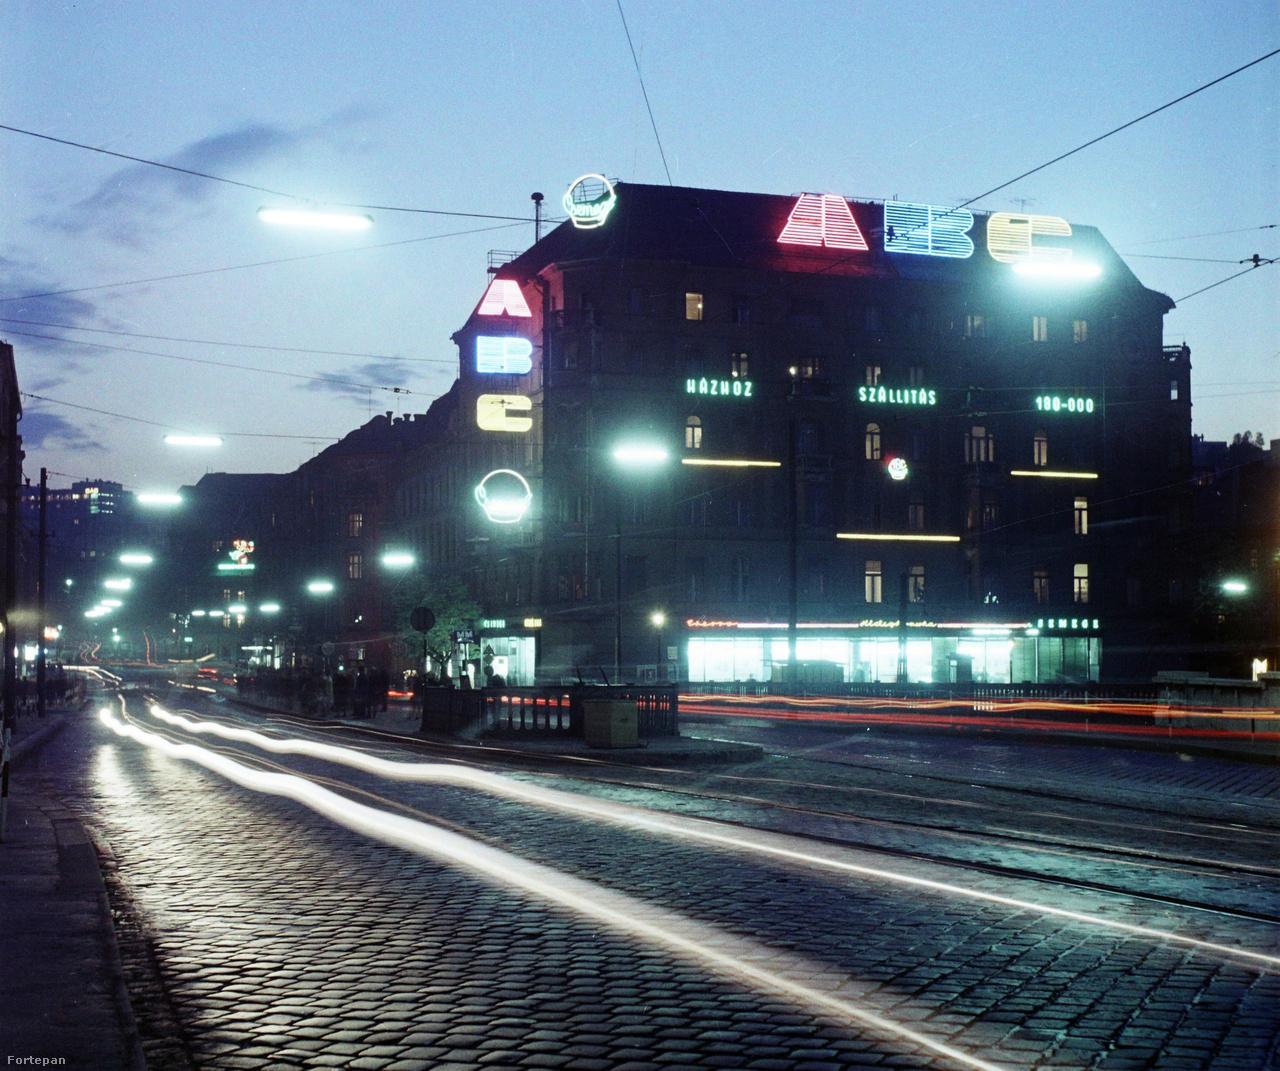 A csodálatos Margit körúti fények a Margit híd budai hídfőjénél. A Csemege ABC, ma CBA.